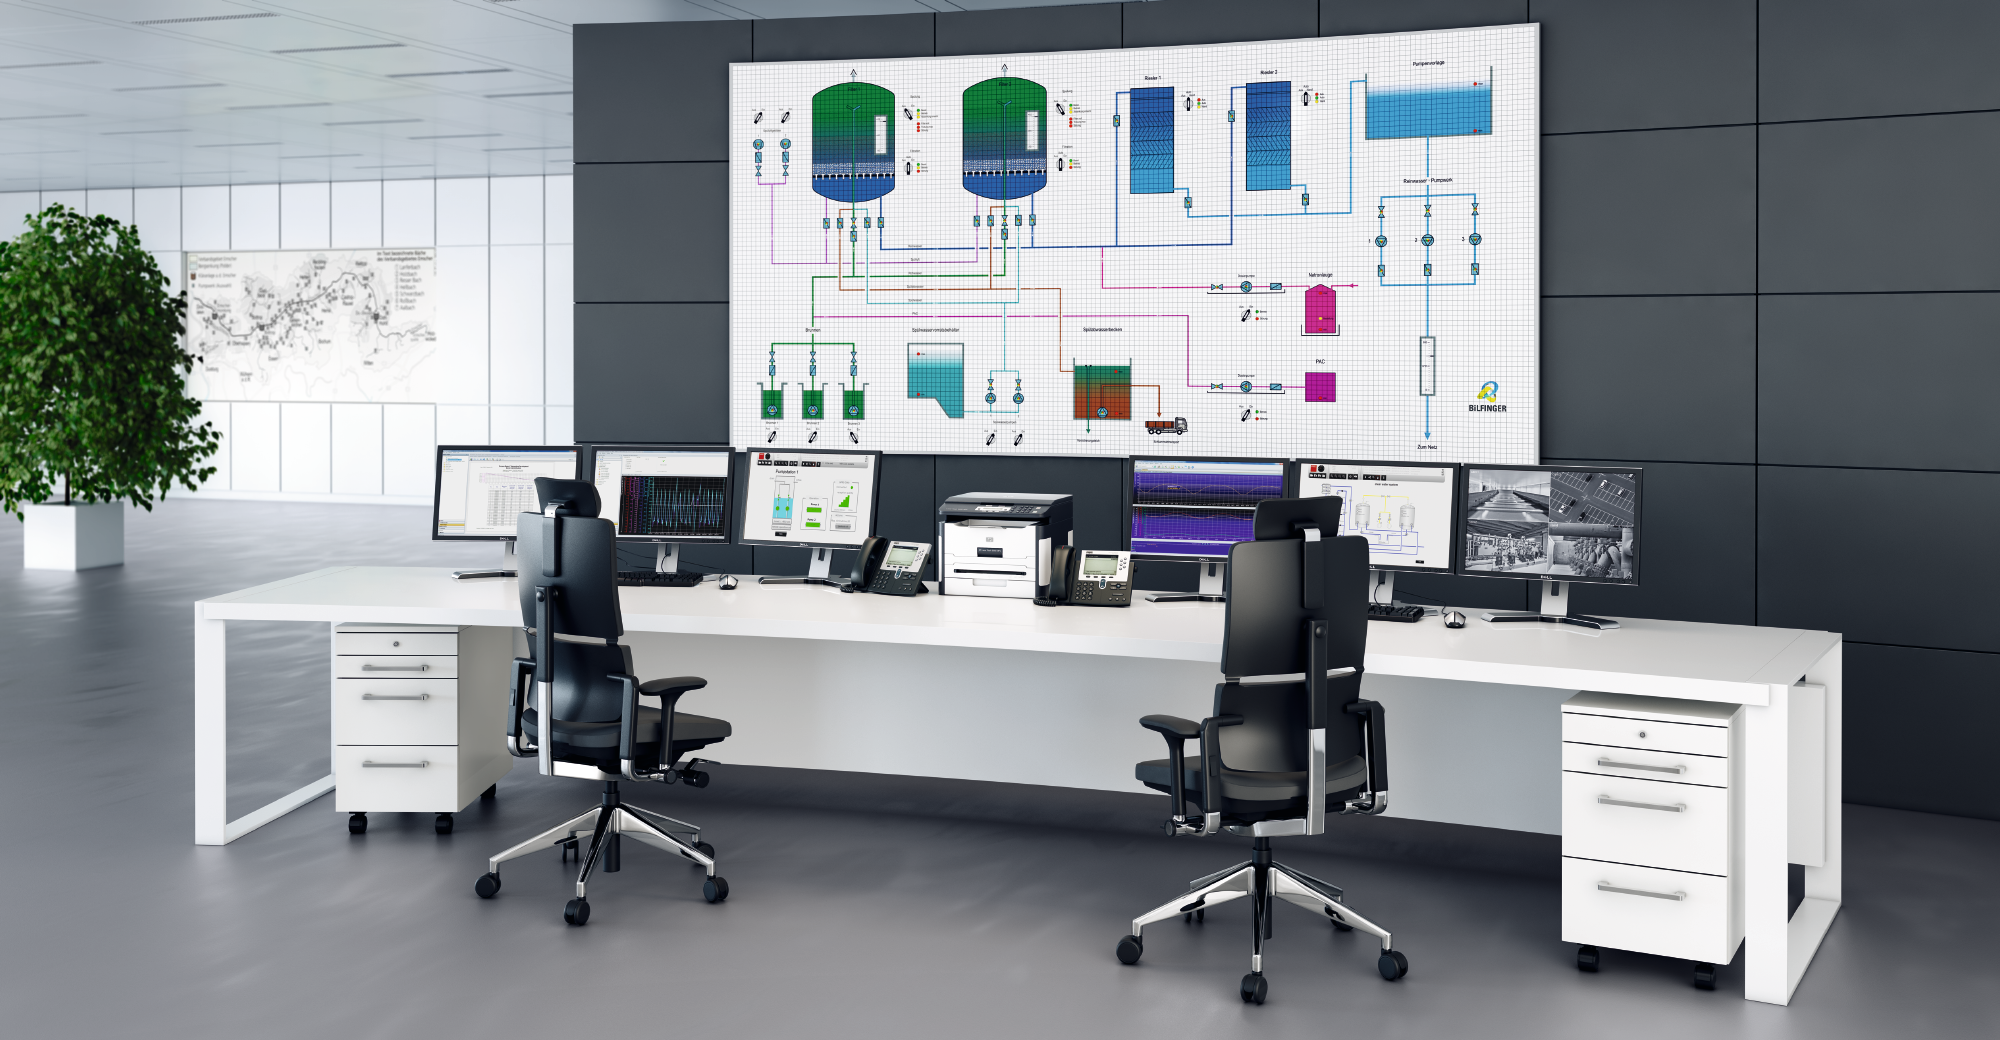 Fachbeitrag: Anomalieerkennung in industriellen Netzwerken